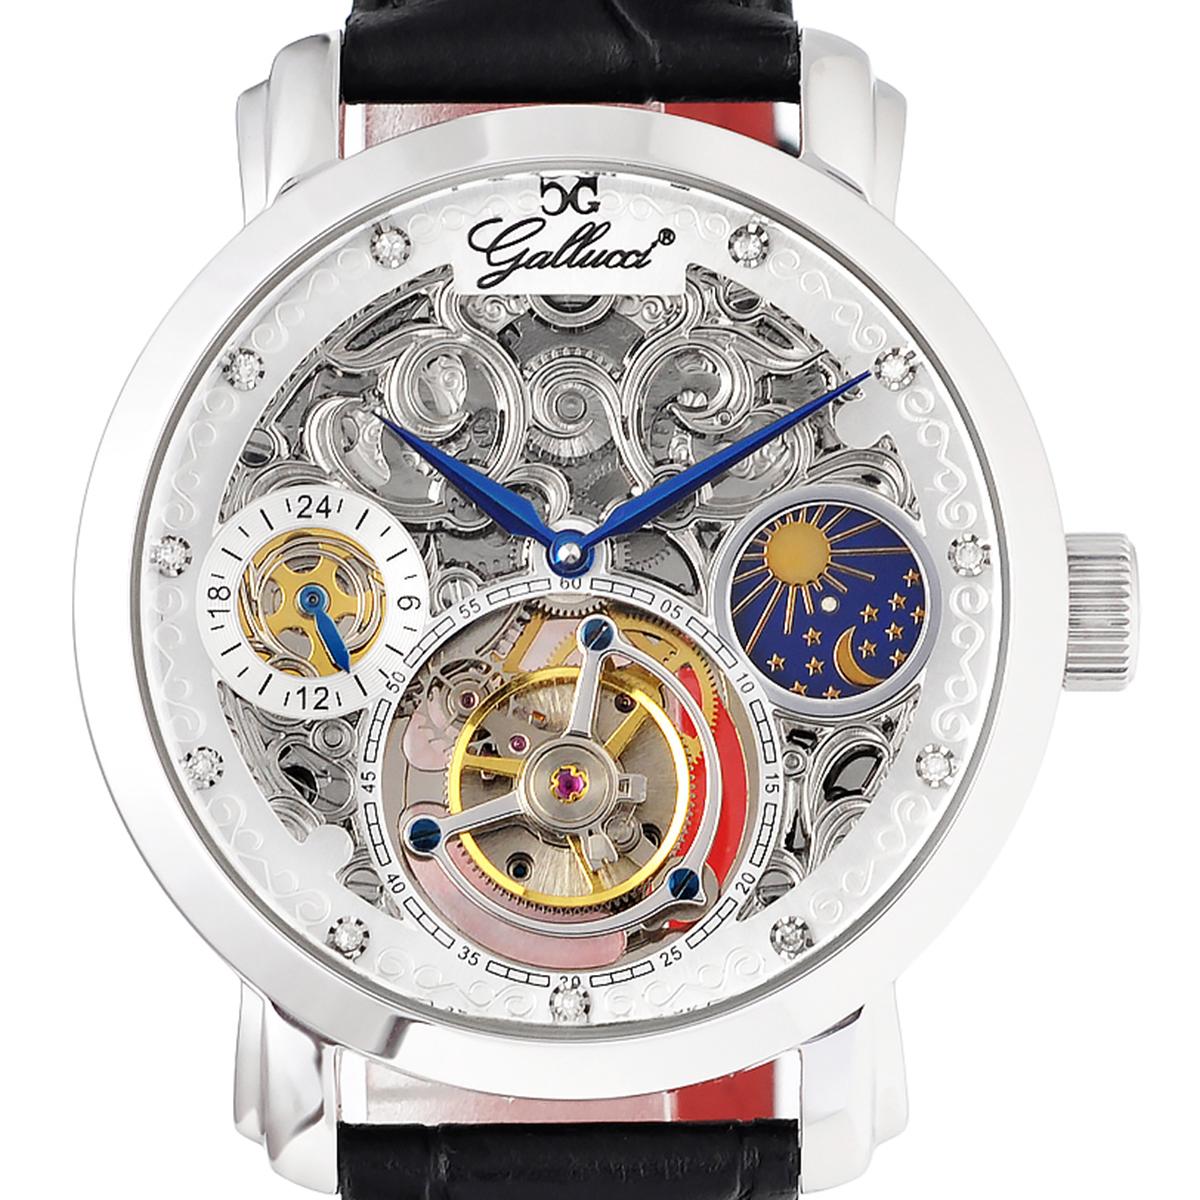 Gallucci ガルーチ 機械式手巻き腕時計 [WT23702TU] 並行輸入品 トゥールビヨン Tourbillon デイ&ナイト(SUN&MOON)